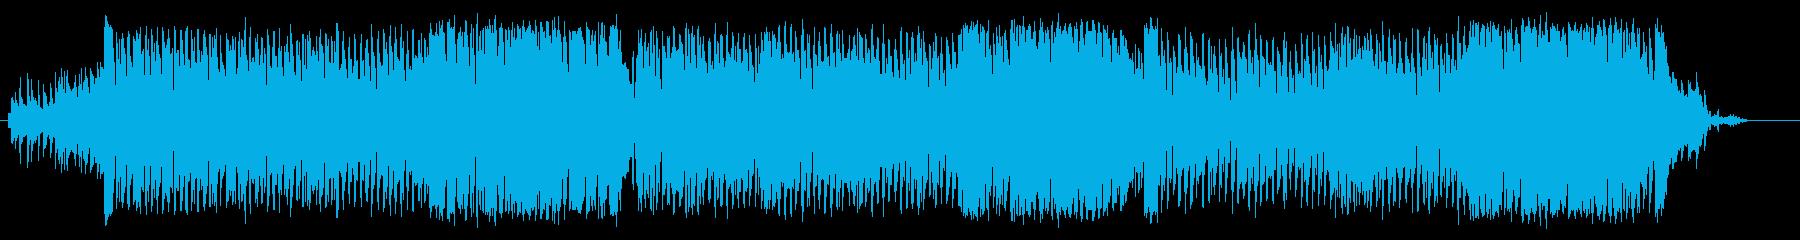 疾走感のあるギターポップサウンドの再生済みの波形